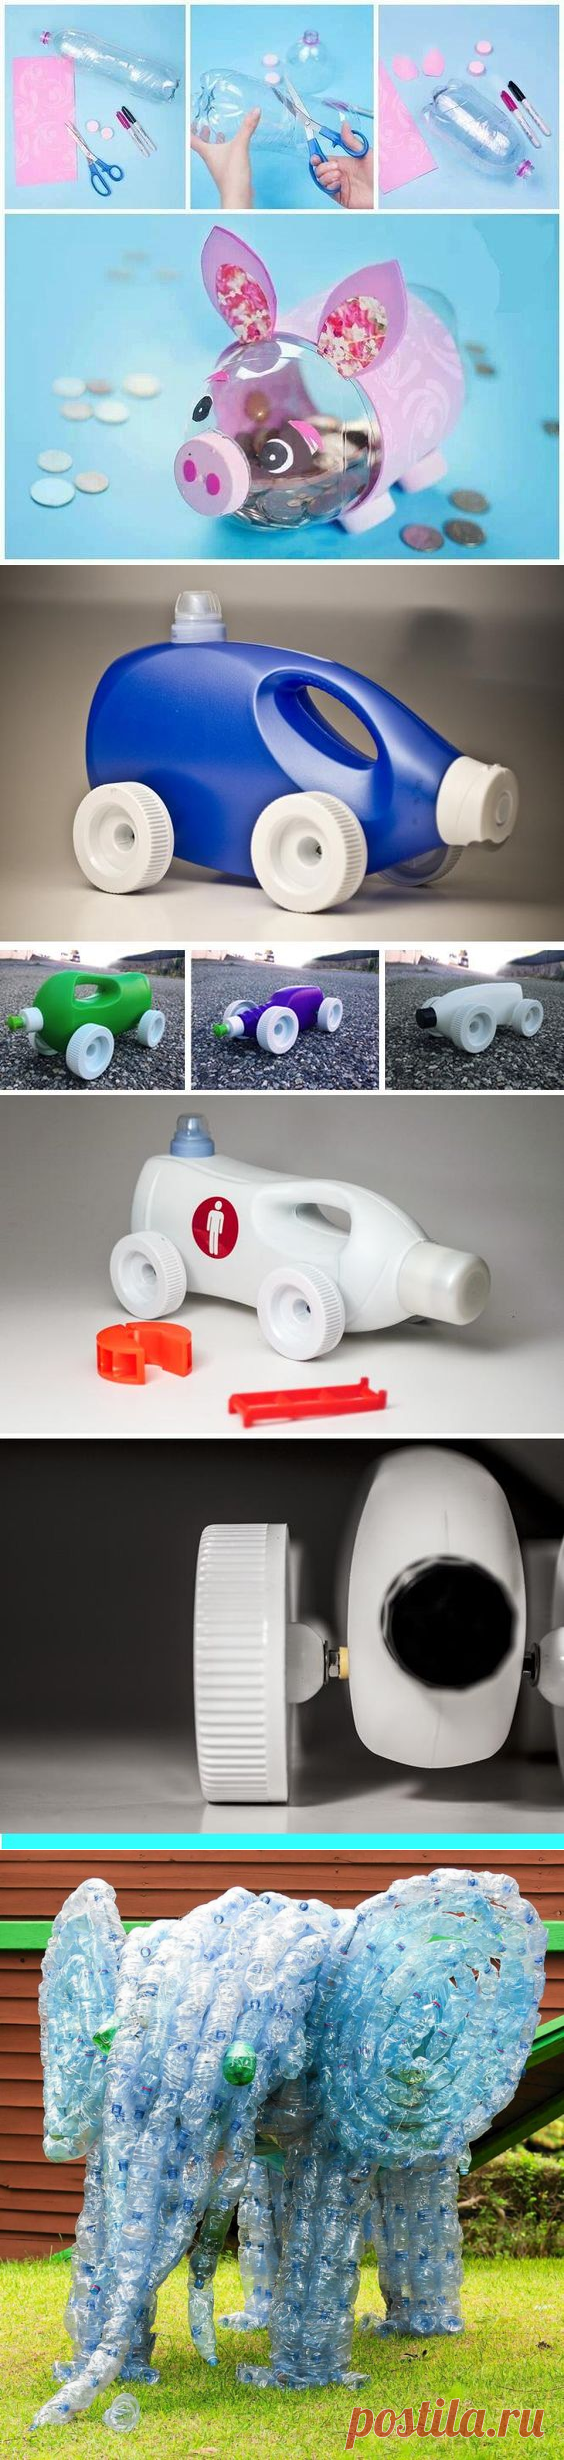 Идеи применения пластиковых бутылок